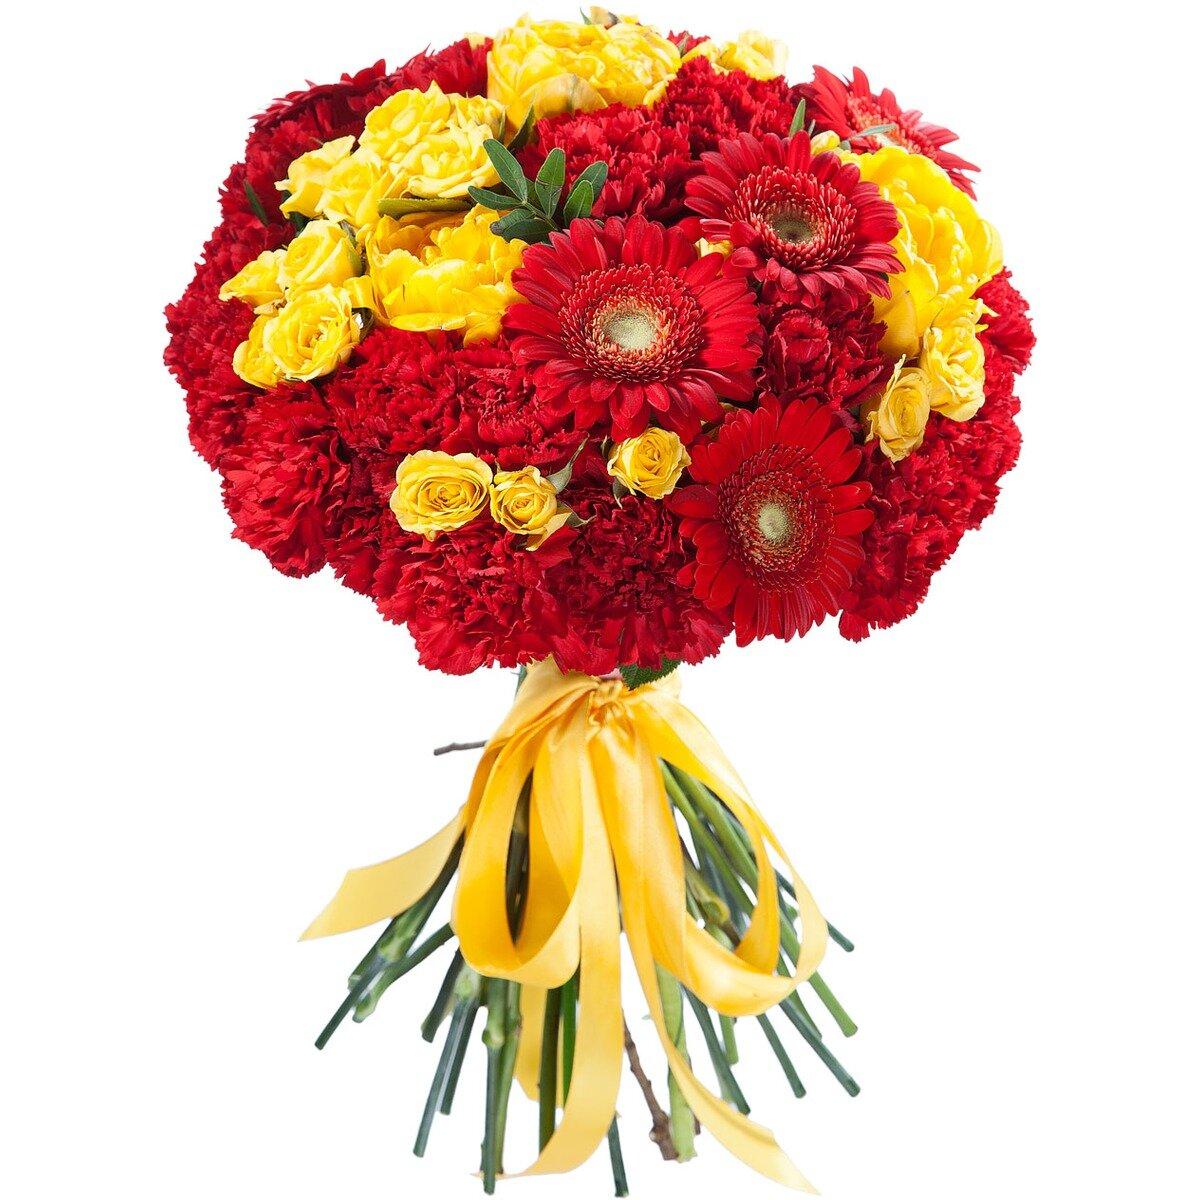 Где можно купить букет цветов в вов, букет